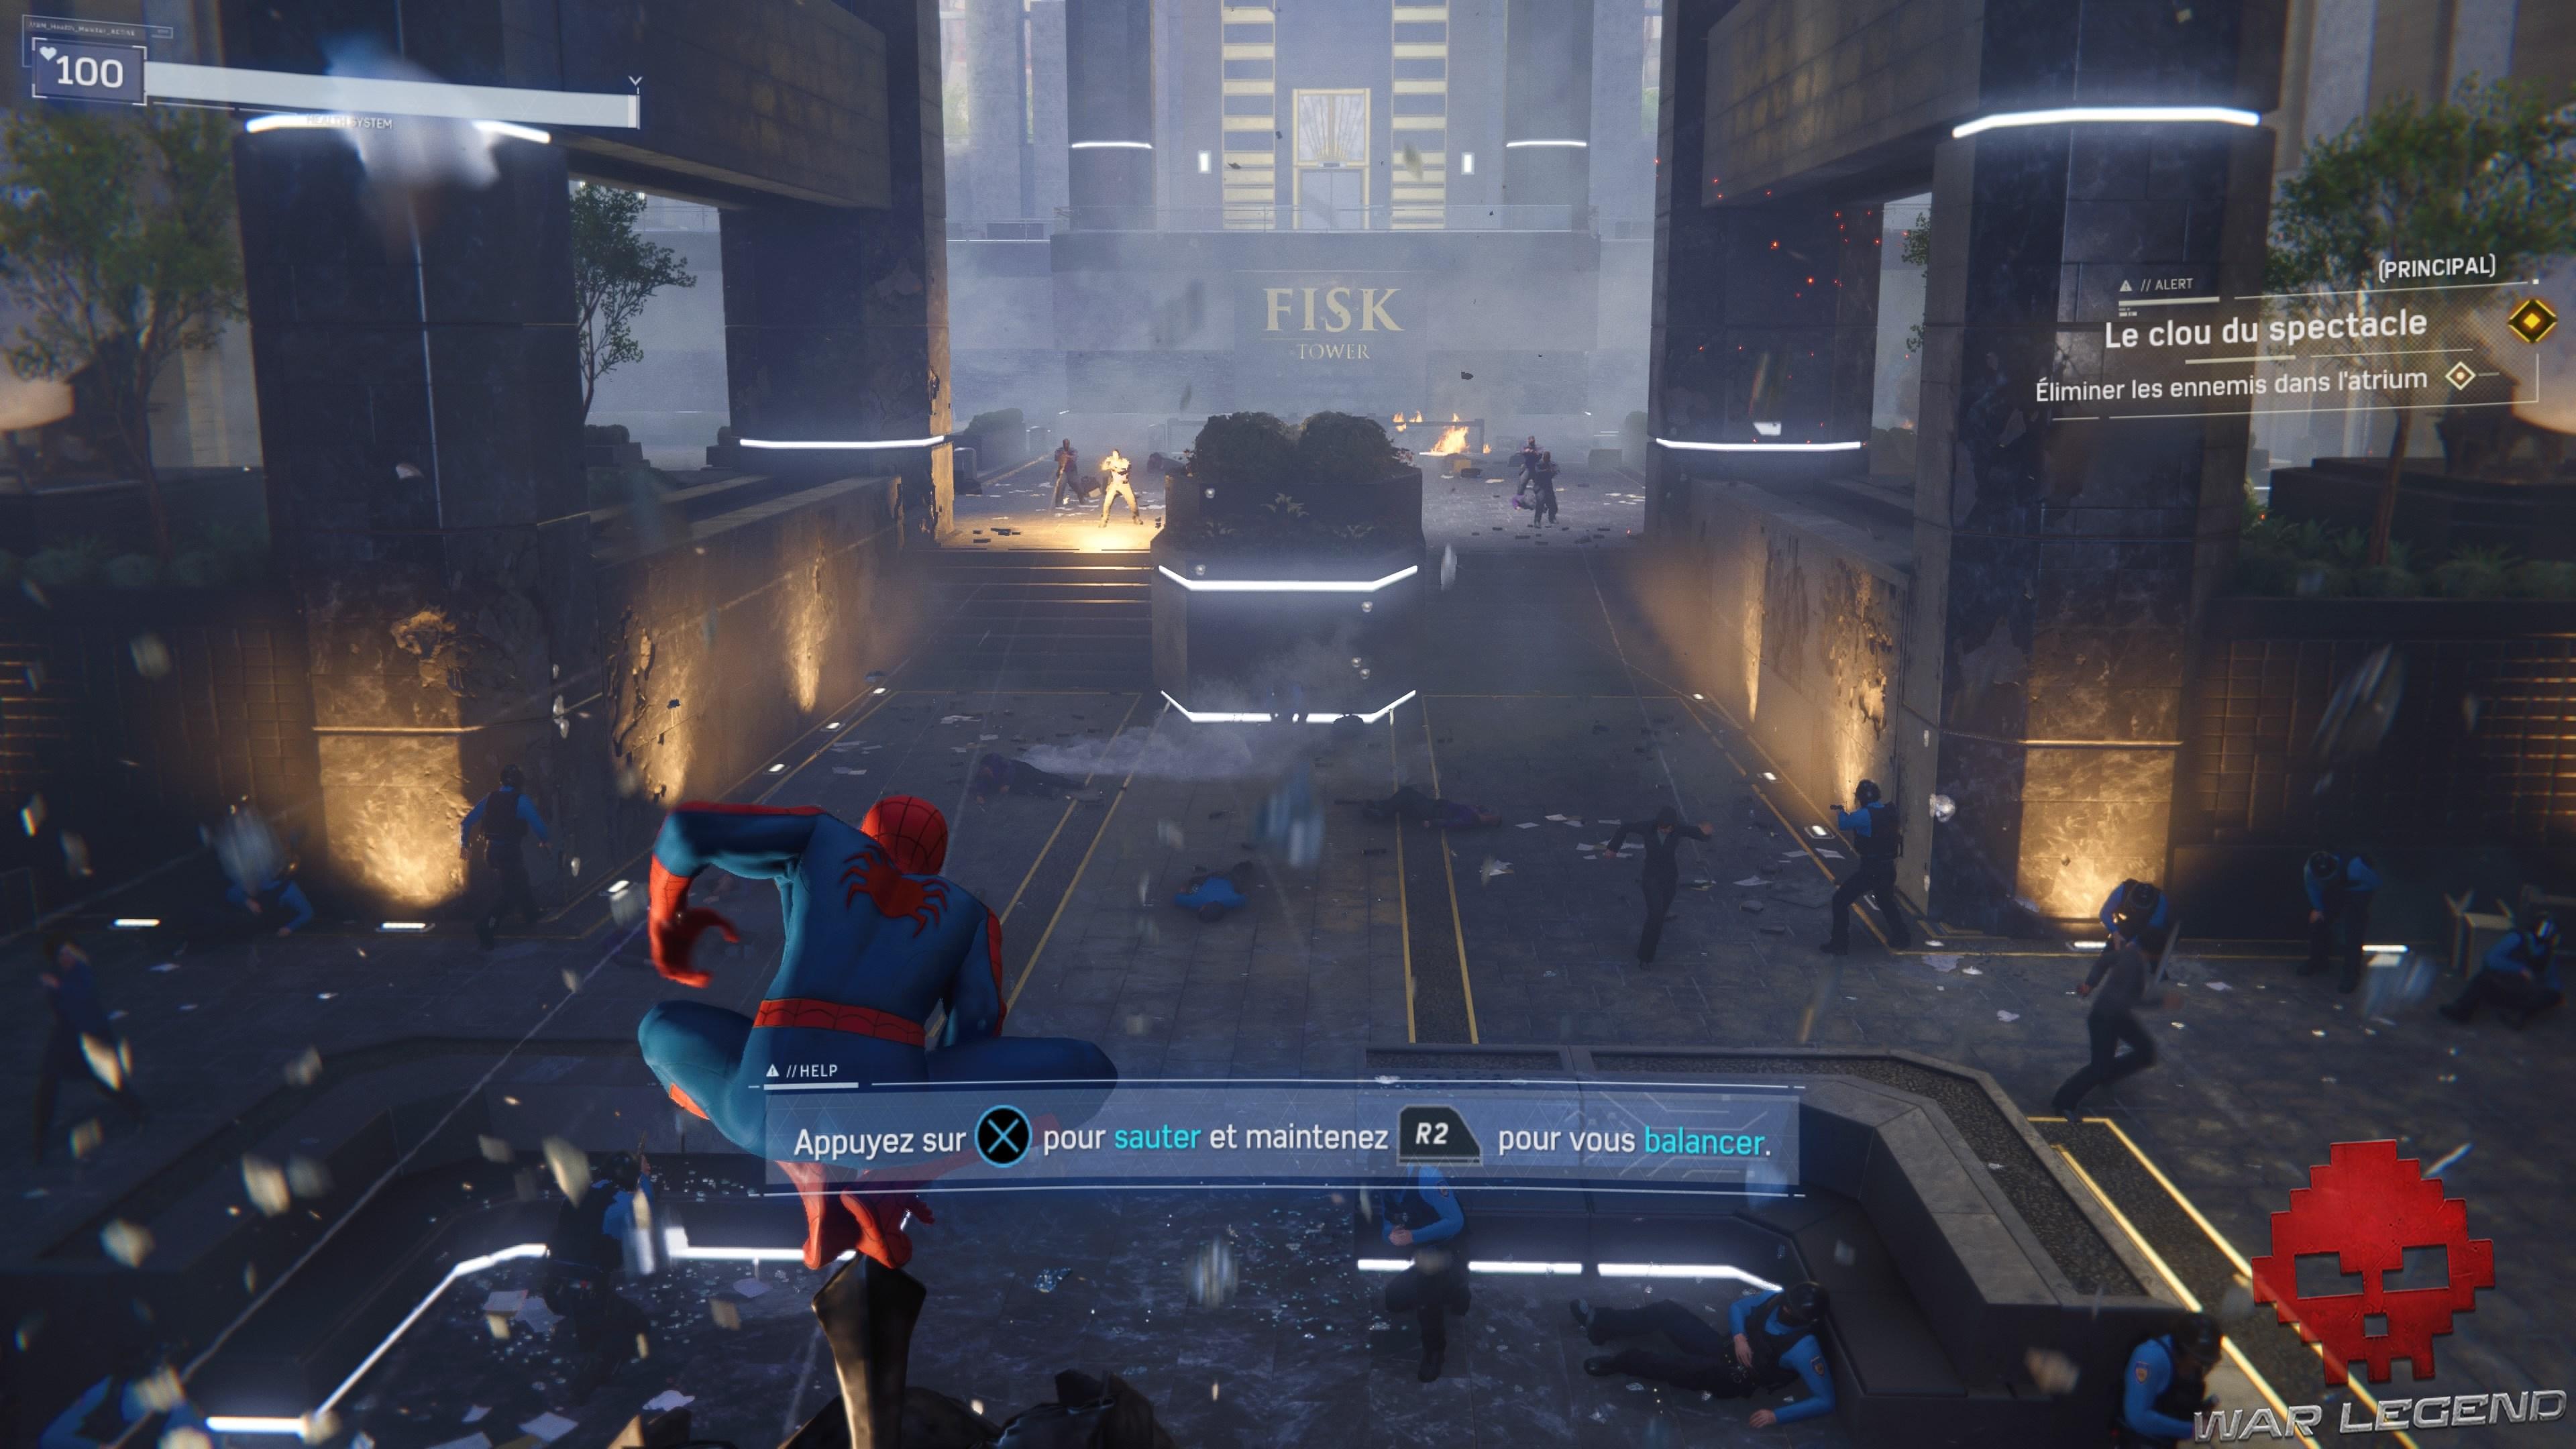 Spider-Man au pied de la Fisk Tower